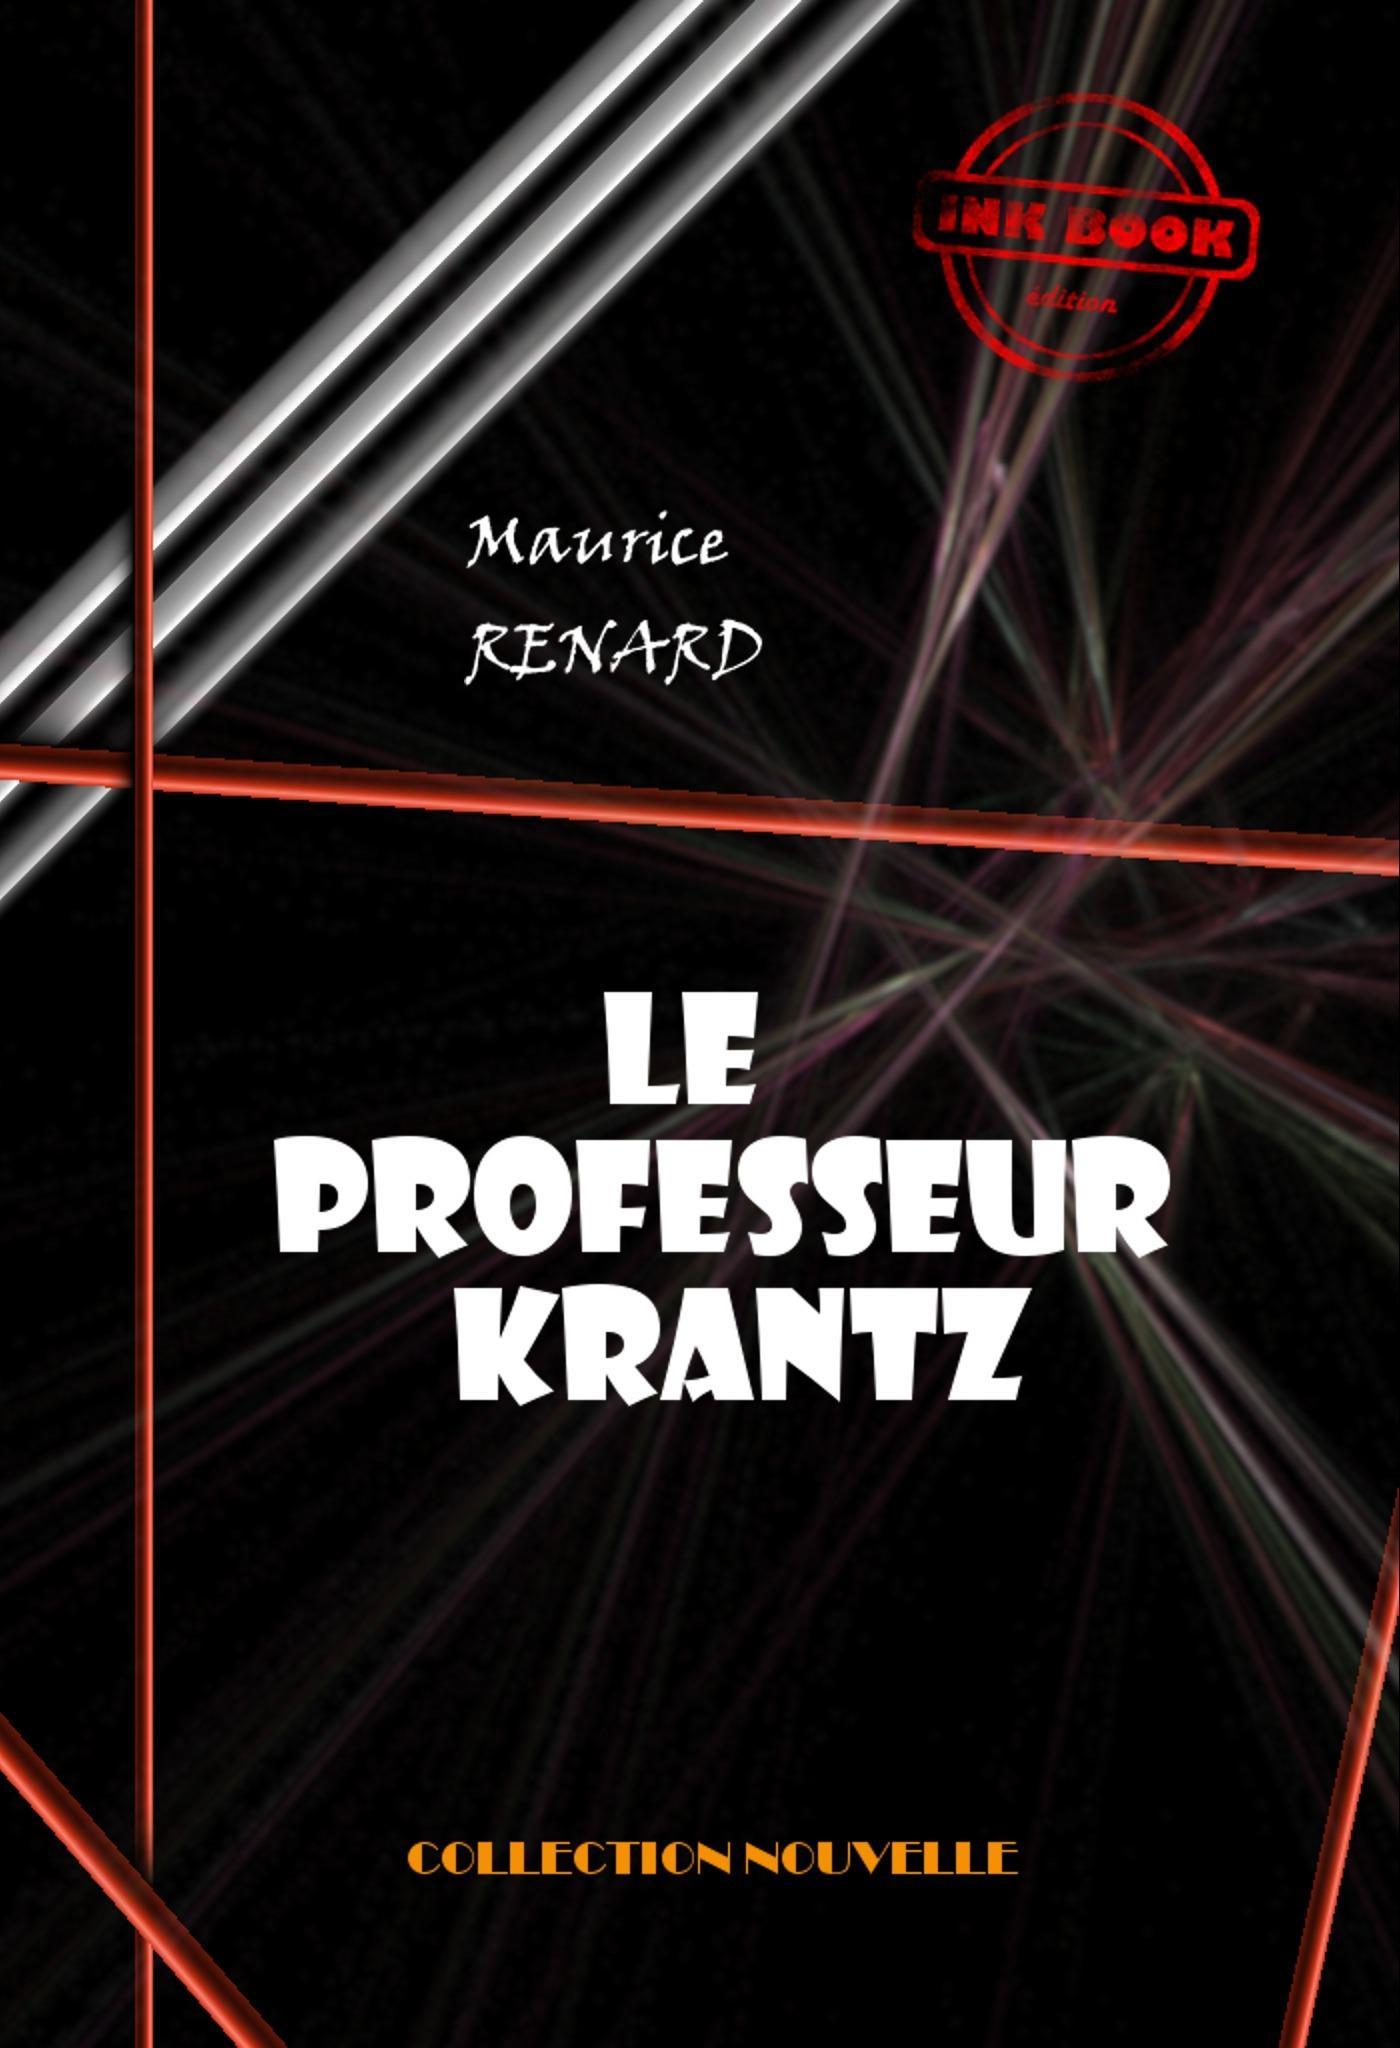 Le professeur Krantz